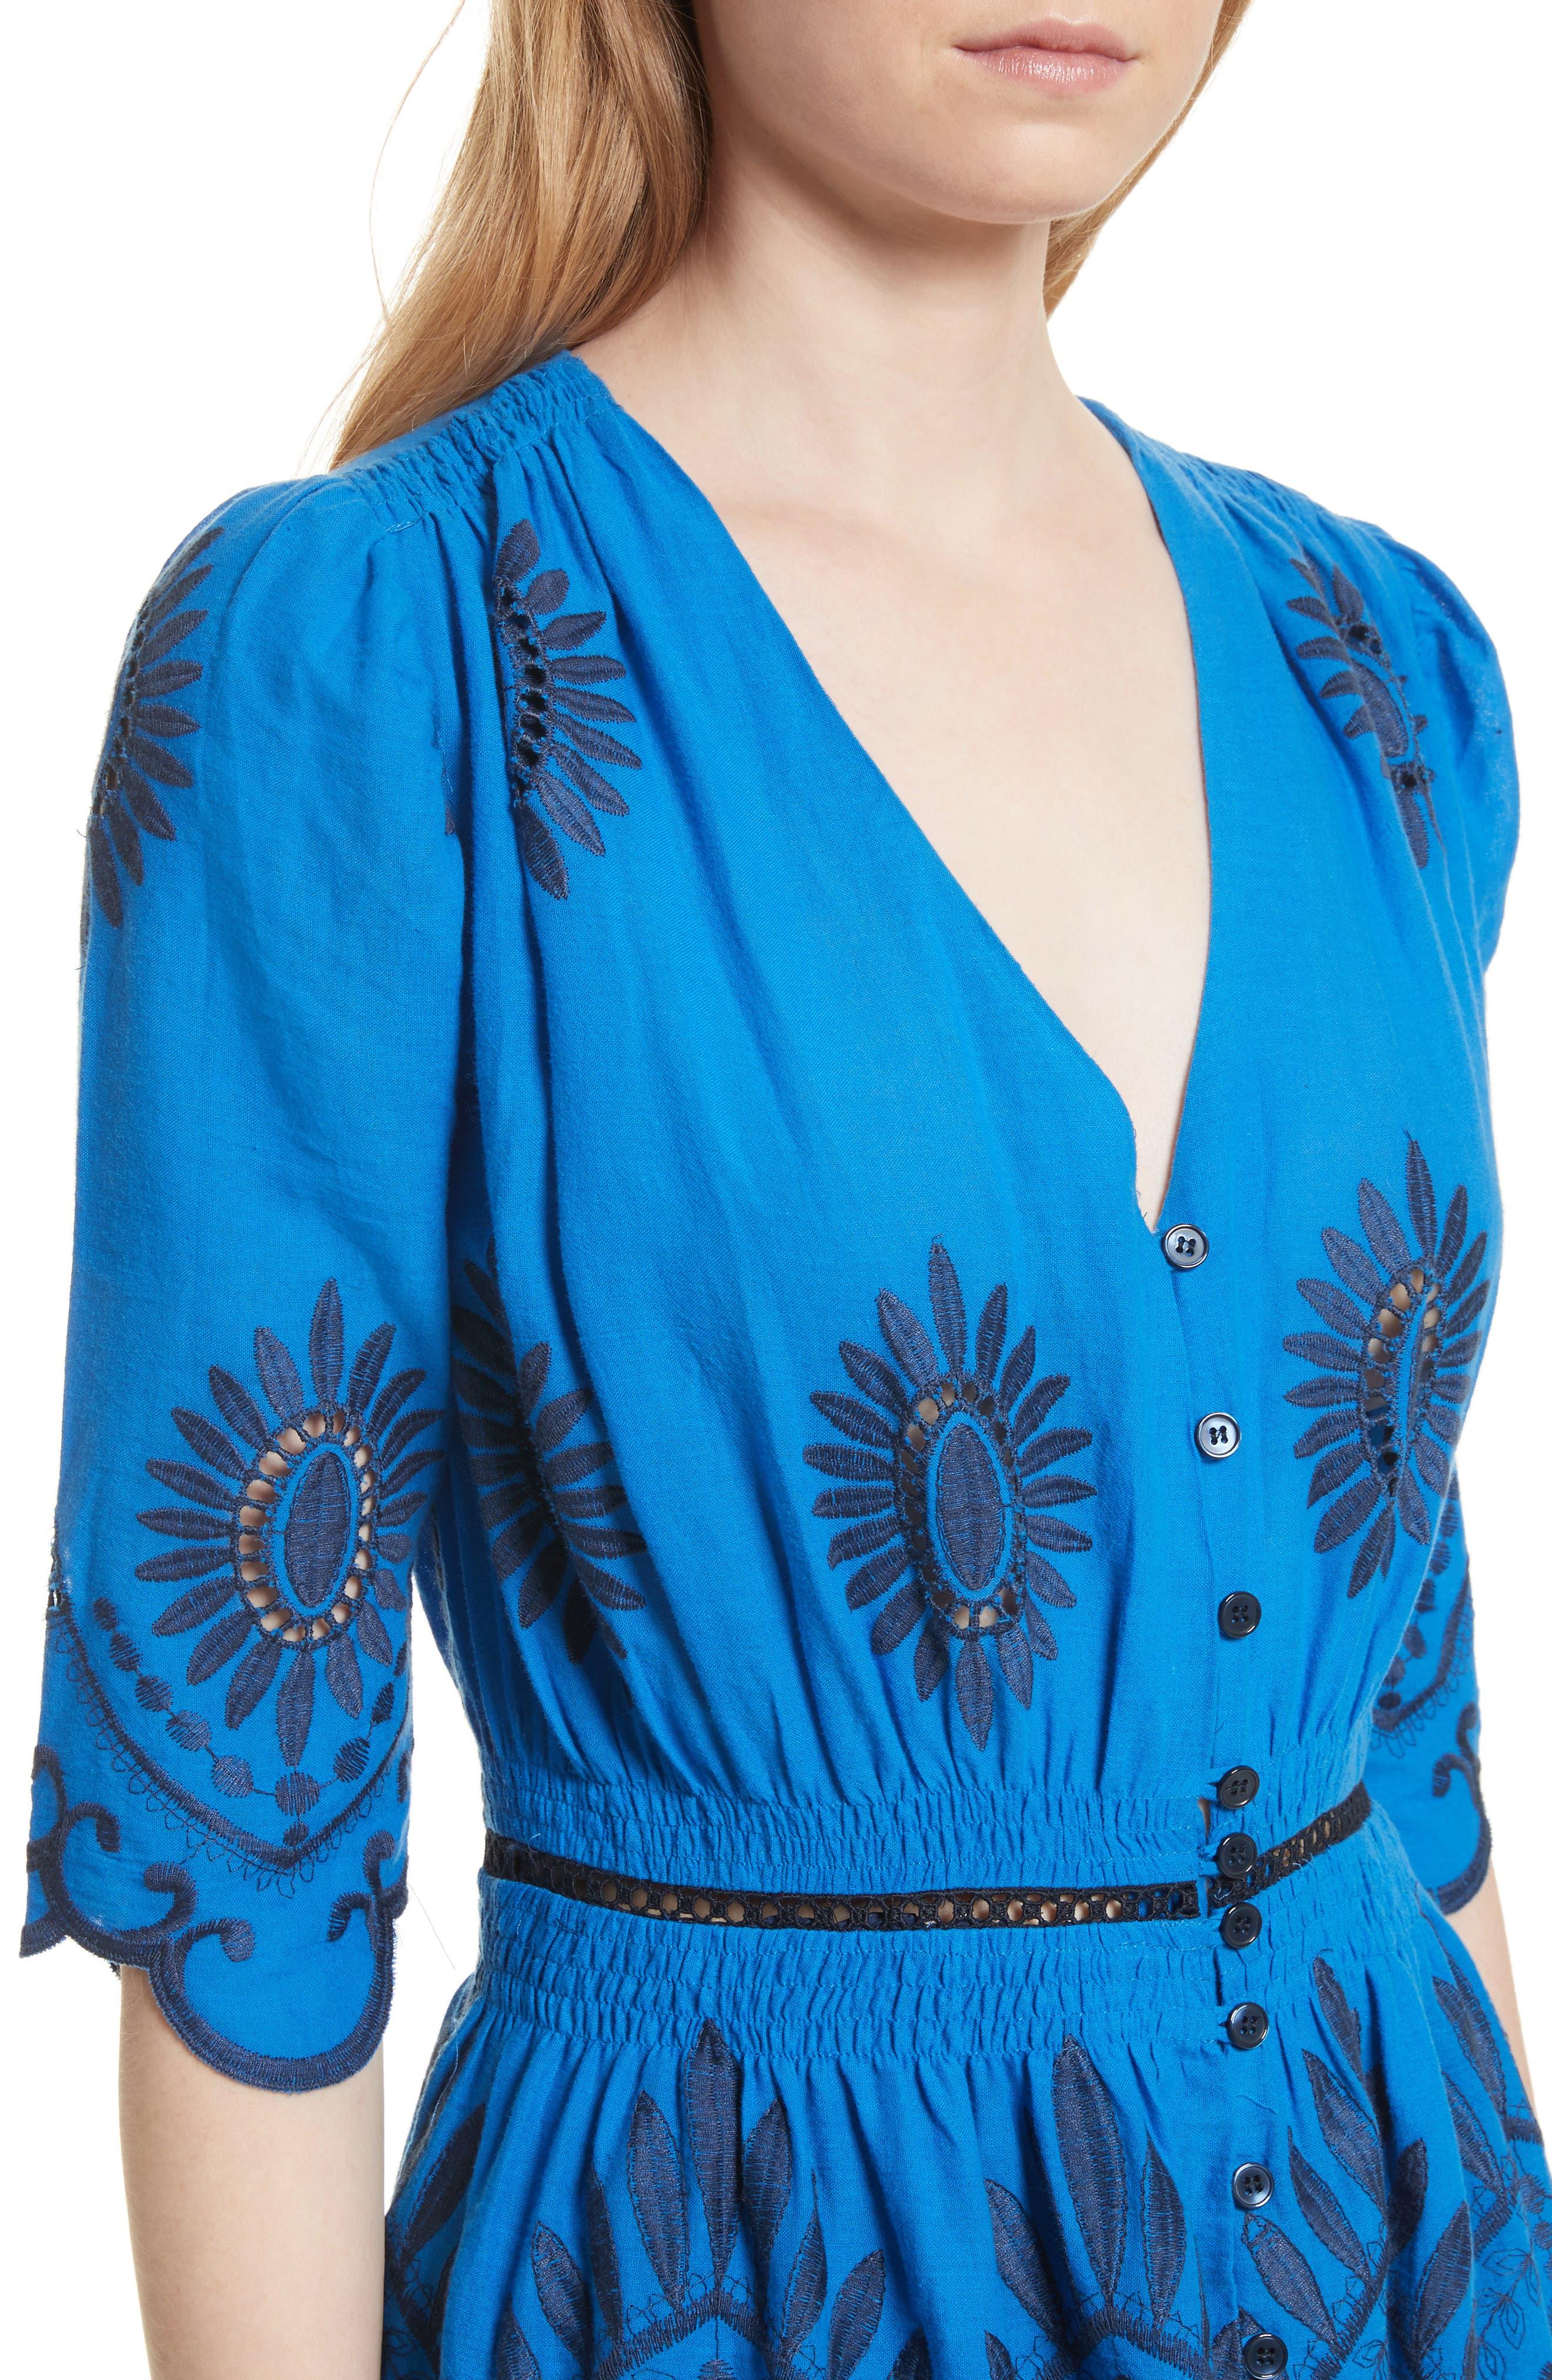 Cotton Eyelet Maxi Dress,                             Alternate thumbnail 4, color,                             Blue/ Navy